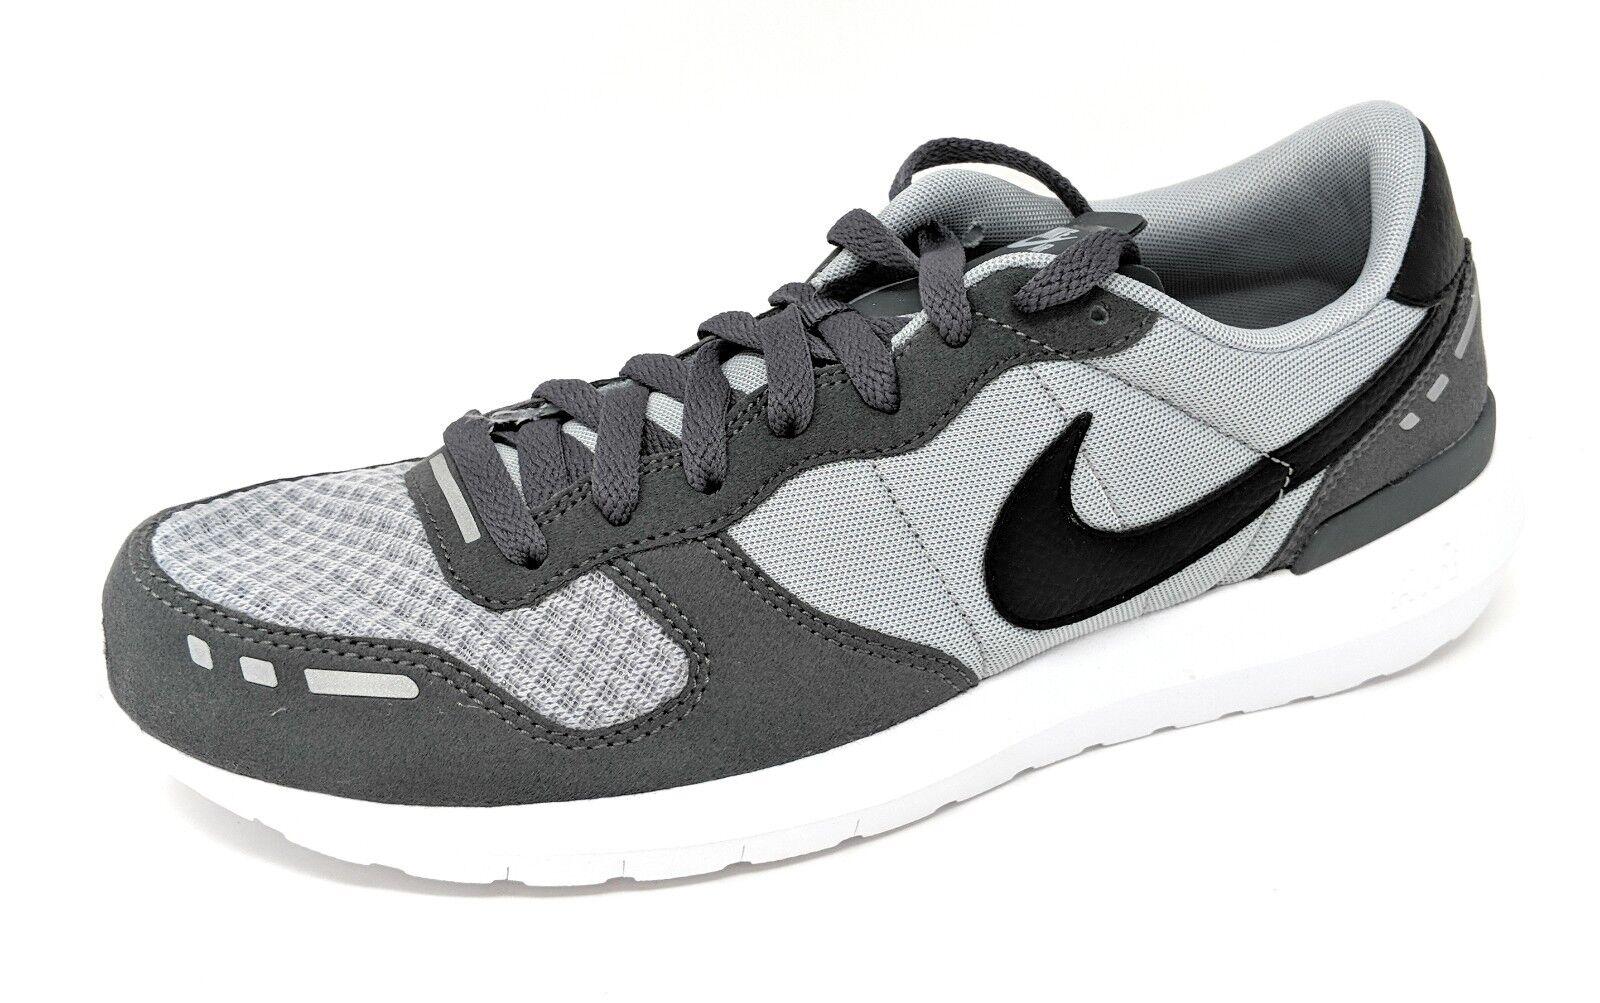 Nike air vrtx  17 rennen sz.9. wolf med wolf sz.9. grau / schwarz - dk grau 75e093